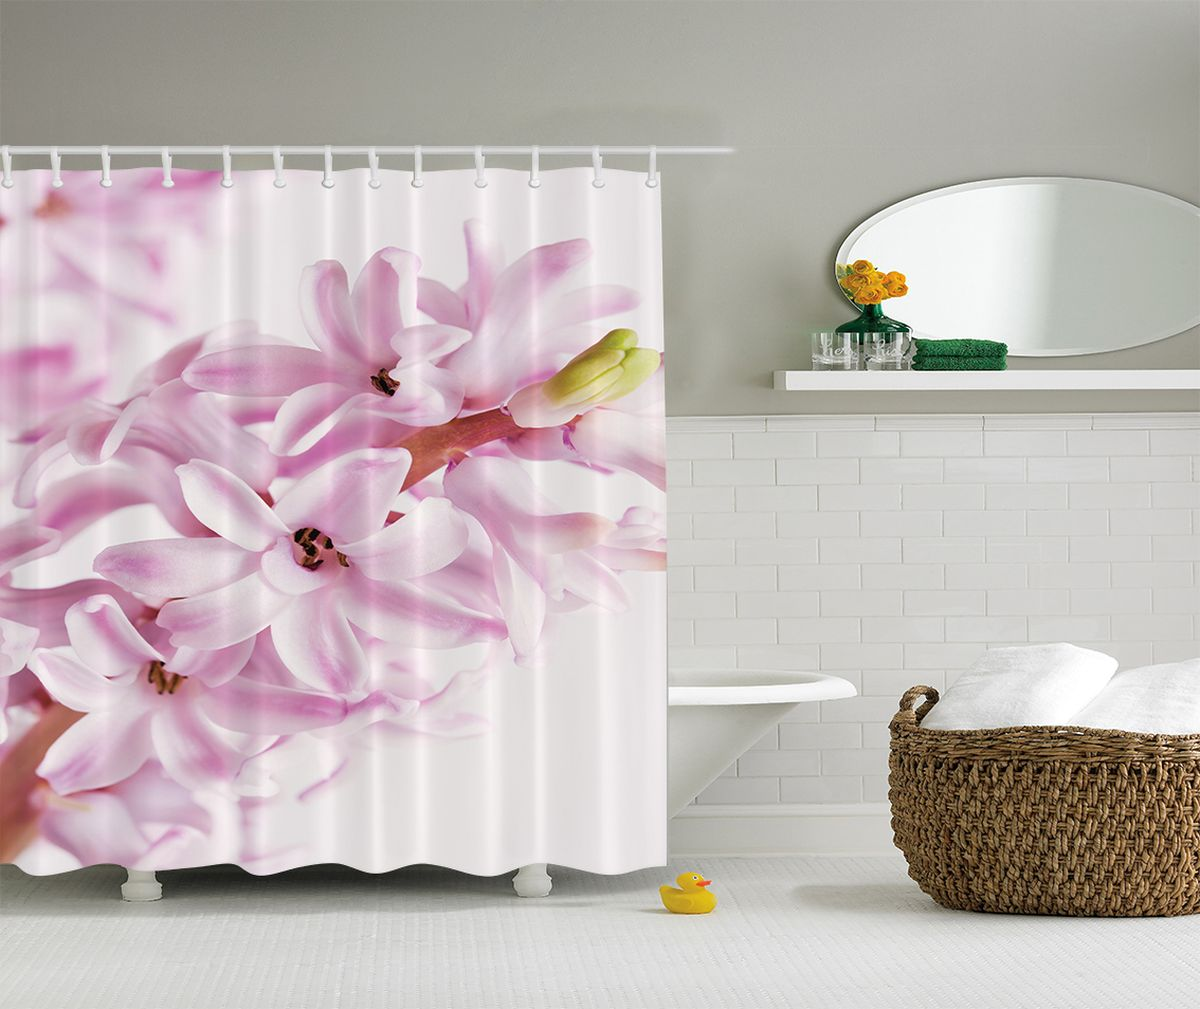 Штора для ванной комнаты Magic Lady Гиацинт, 180 х 200 смшв_12180Штора Magic Lady Гиацинт, изготовленная из высококачественного сатена (полиэстер 100%), отлично дополнит любой интерьер ванной комнаты. При изготовлении используются специальные гипоаллергенные чернила для прямой печати по ткани, безопасные для человека.В комплекте: 1 штора, 12 крючков. Обращаем ваше внимание, фактический цвет изделия может незначительно отличаться от представленного на фото.